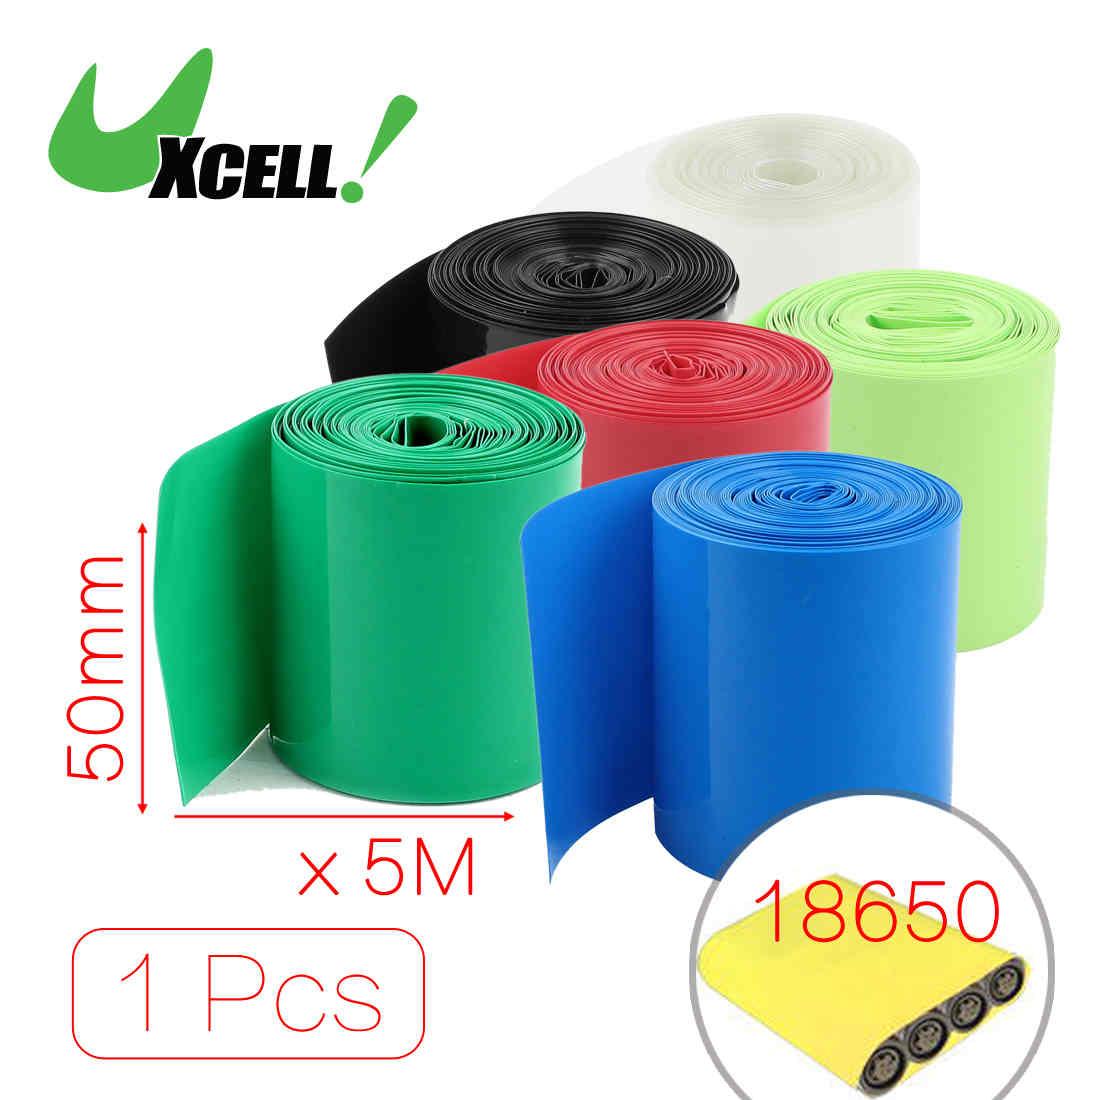 Uxcell offre spéciale 5 mètres de longueur 50mm 56mm largeur PVC film thermorétractable Tube rouge pour 2X18650 batterie noir bleu clair vert rouge